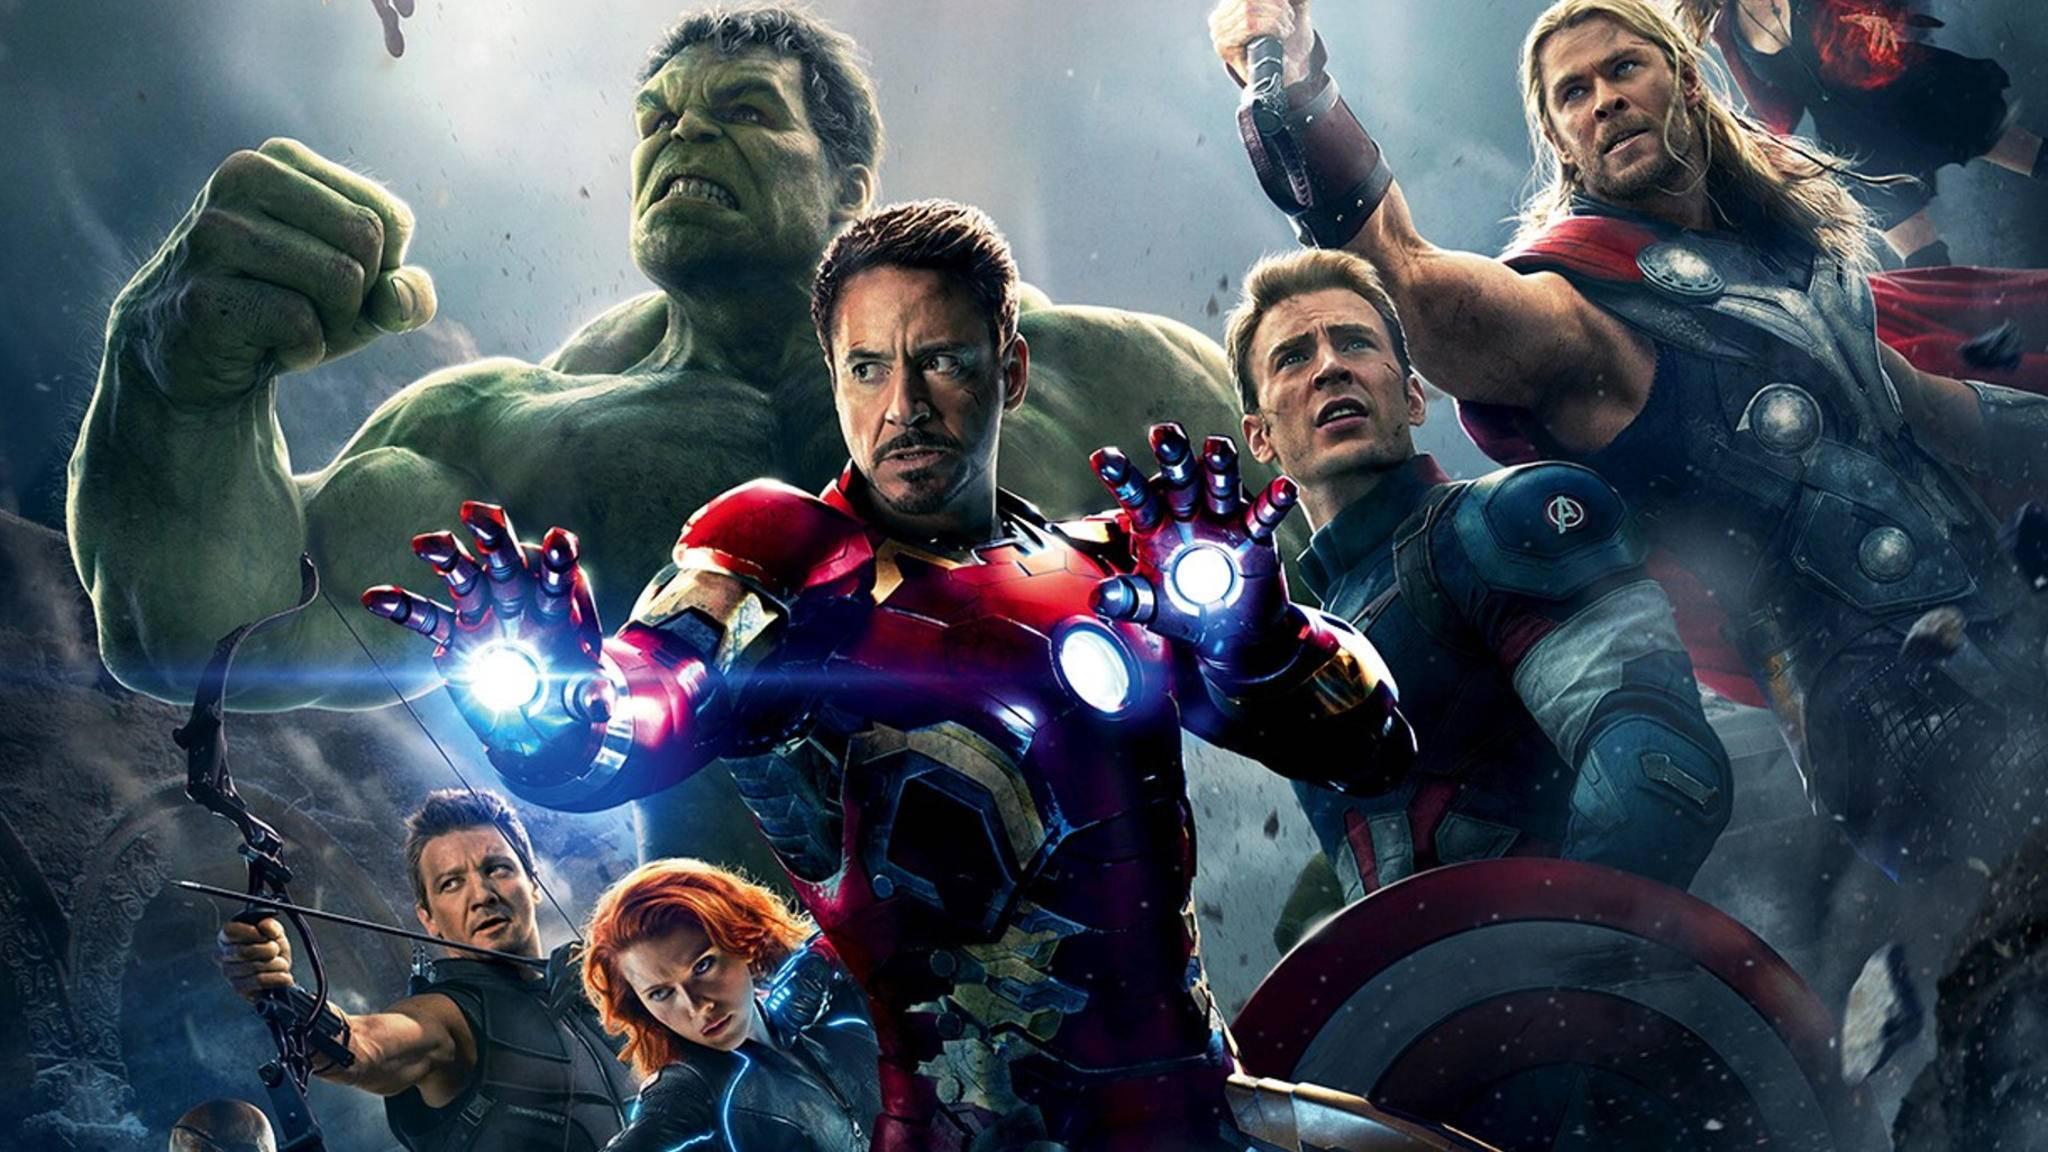 Ein einziger neuer Marvel-Film ist nicht genug: Der Comic-Gigant geht mittlerweile pro Jahr mit drei bis fünf Verfilmungen an den Start ...